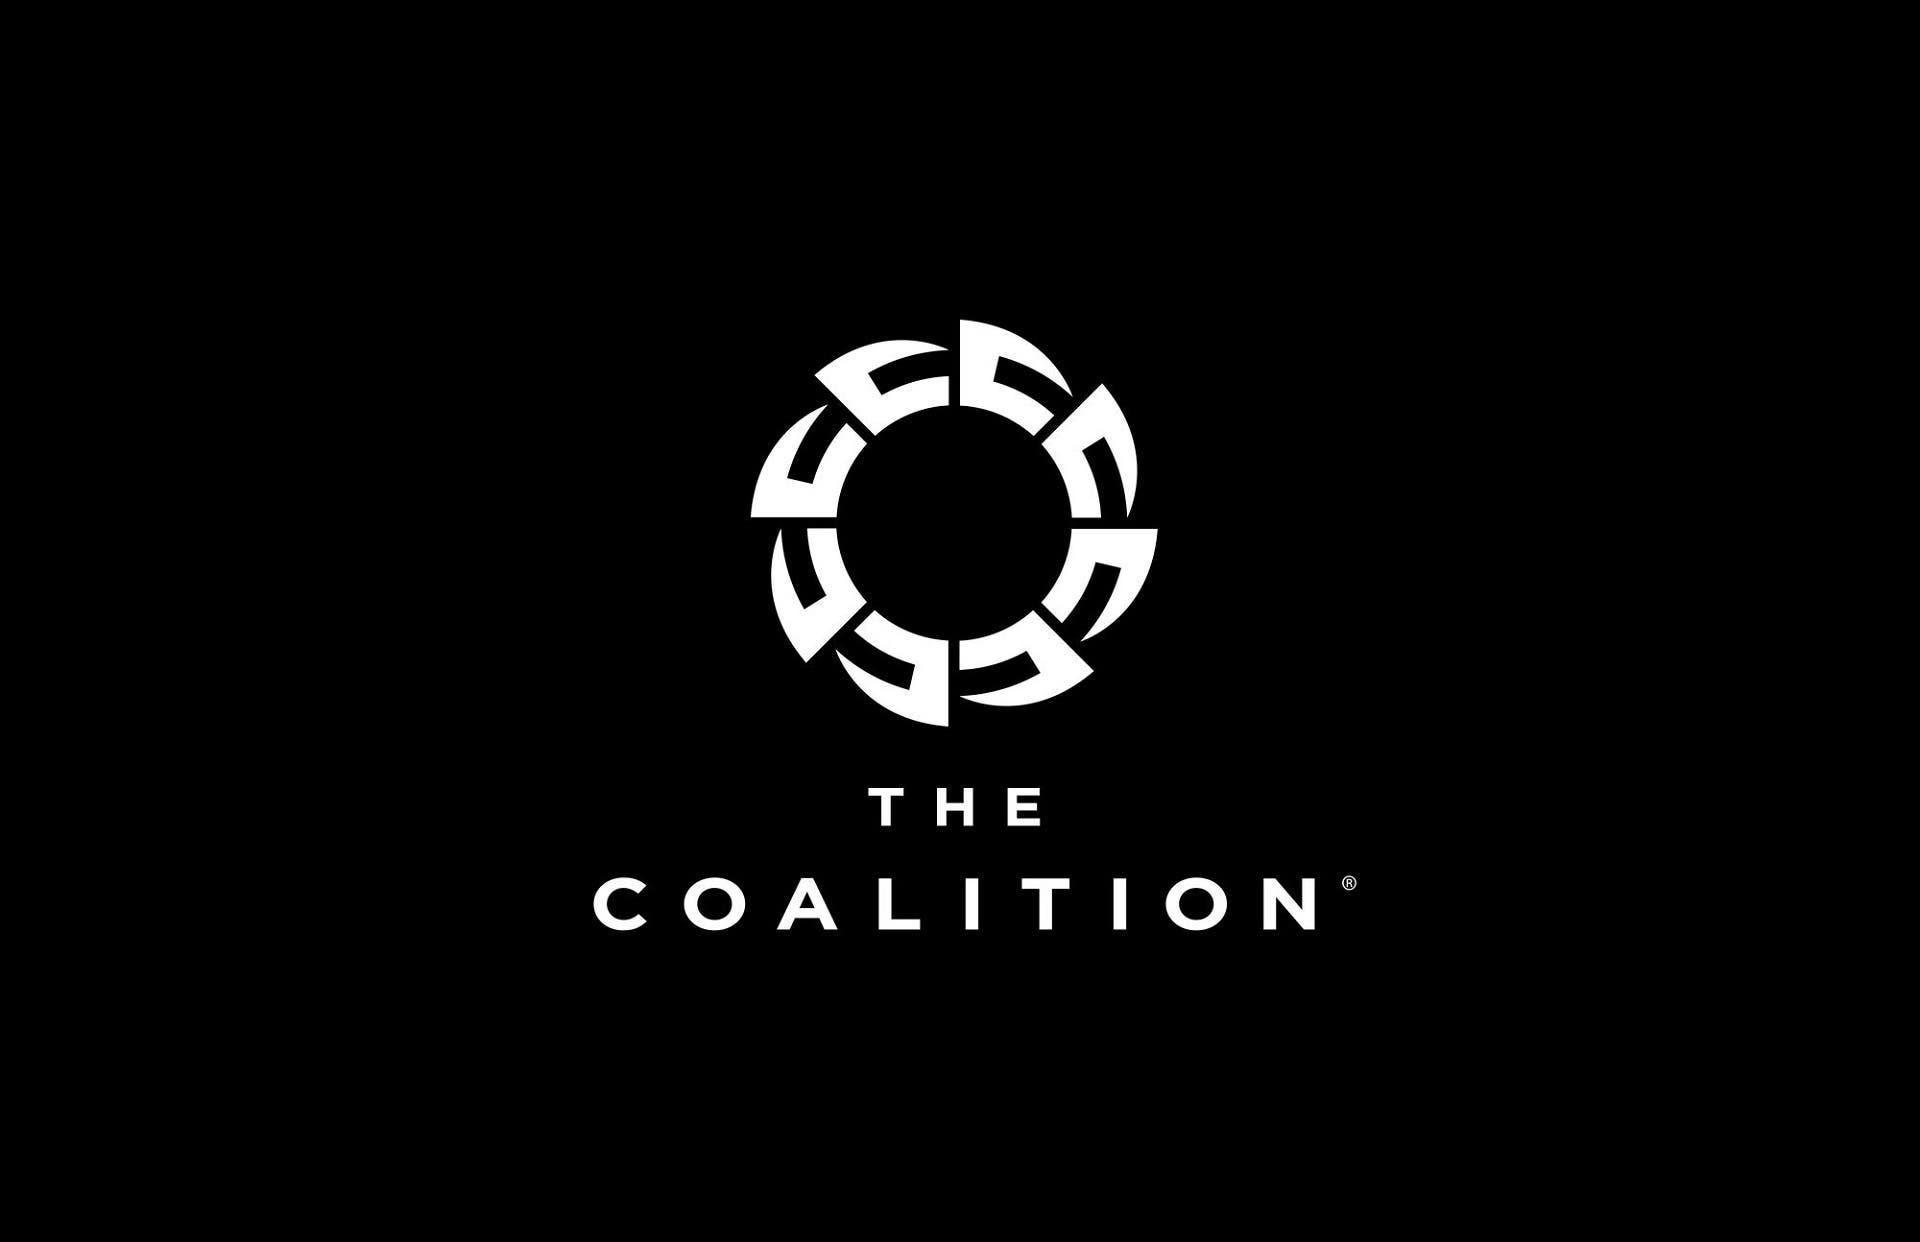 El nuevo miembro de The Coalition llega tras 15 años en Ubisoft 4